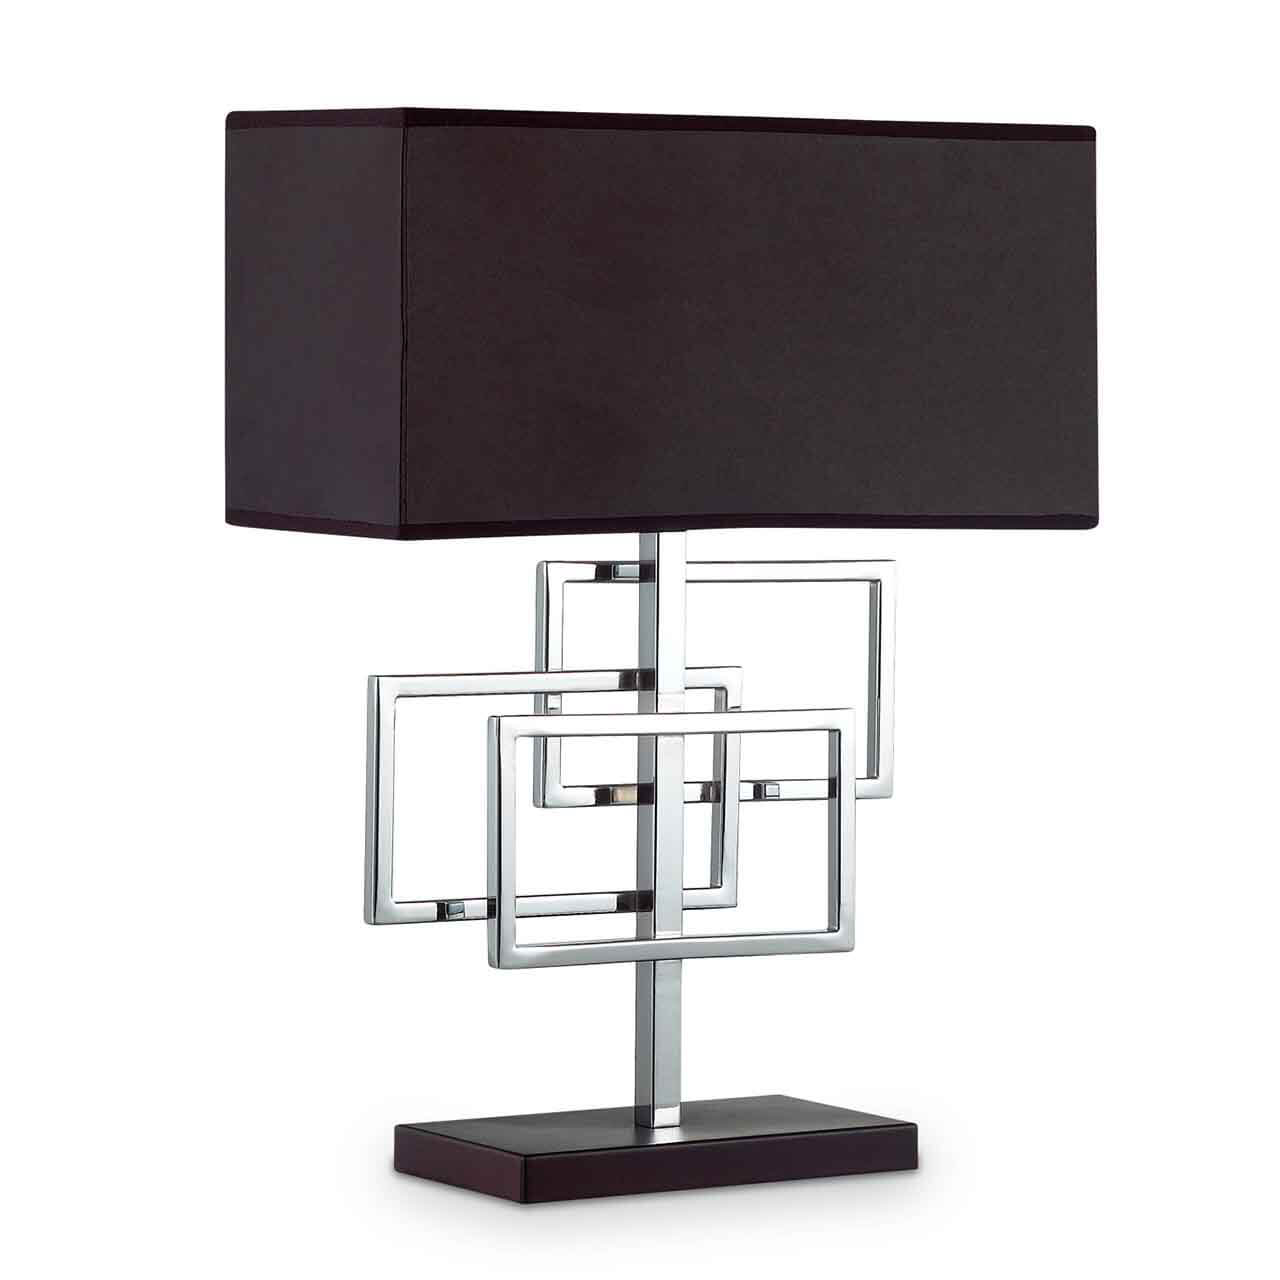 Настольная лампа Ideal Lux Luxury Tl1 Cromo настольная лампа ideal lux london cromo tl1 big